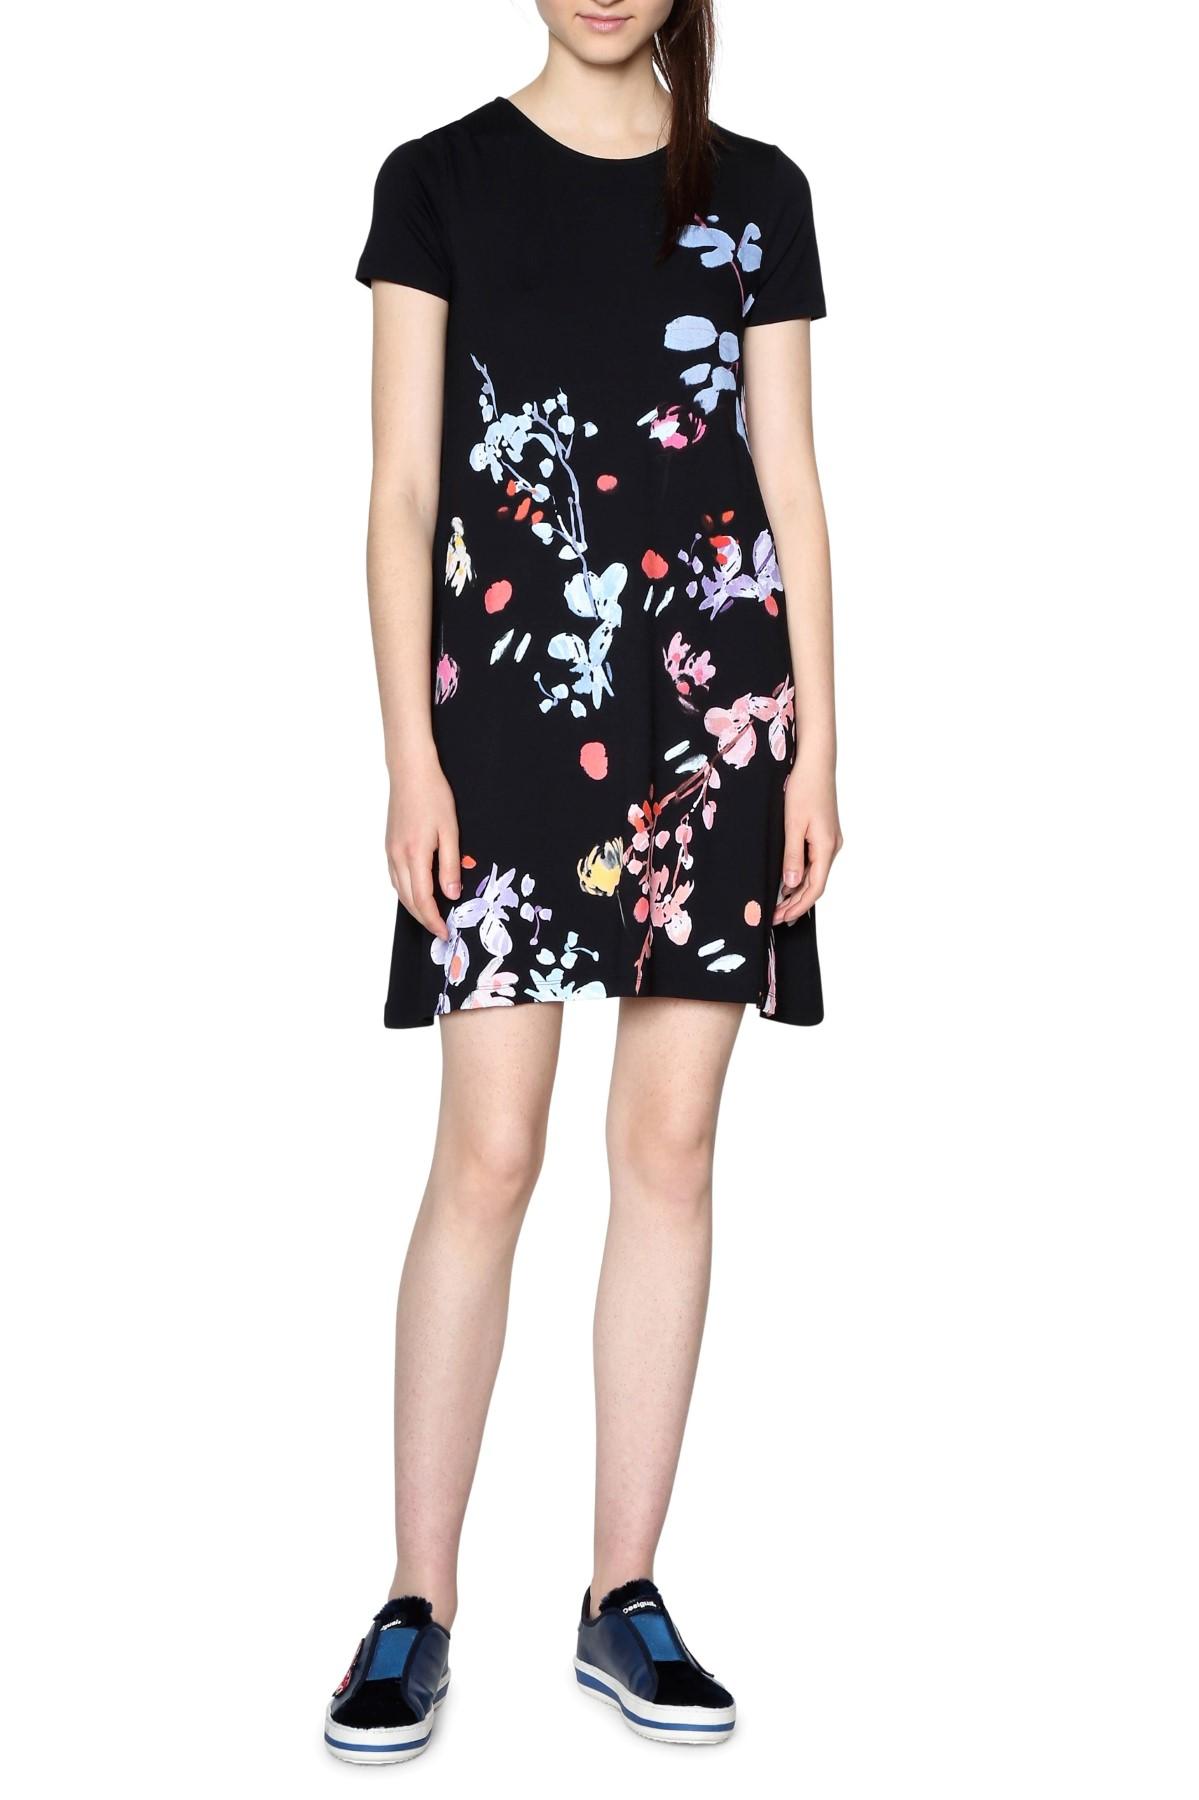 Desigual splývavé šaty Cicero s kvetmi - Glami.sk 633d750160b